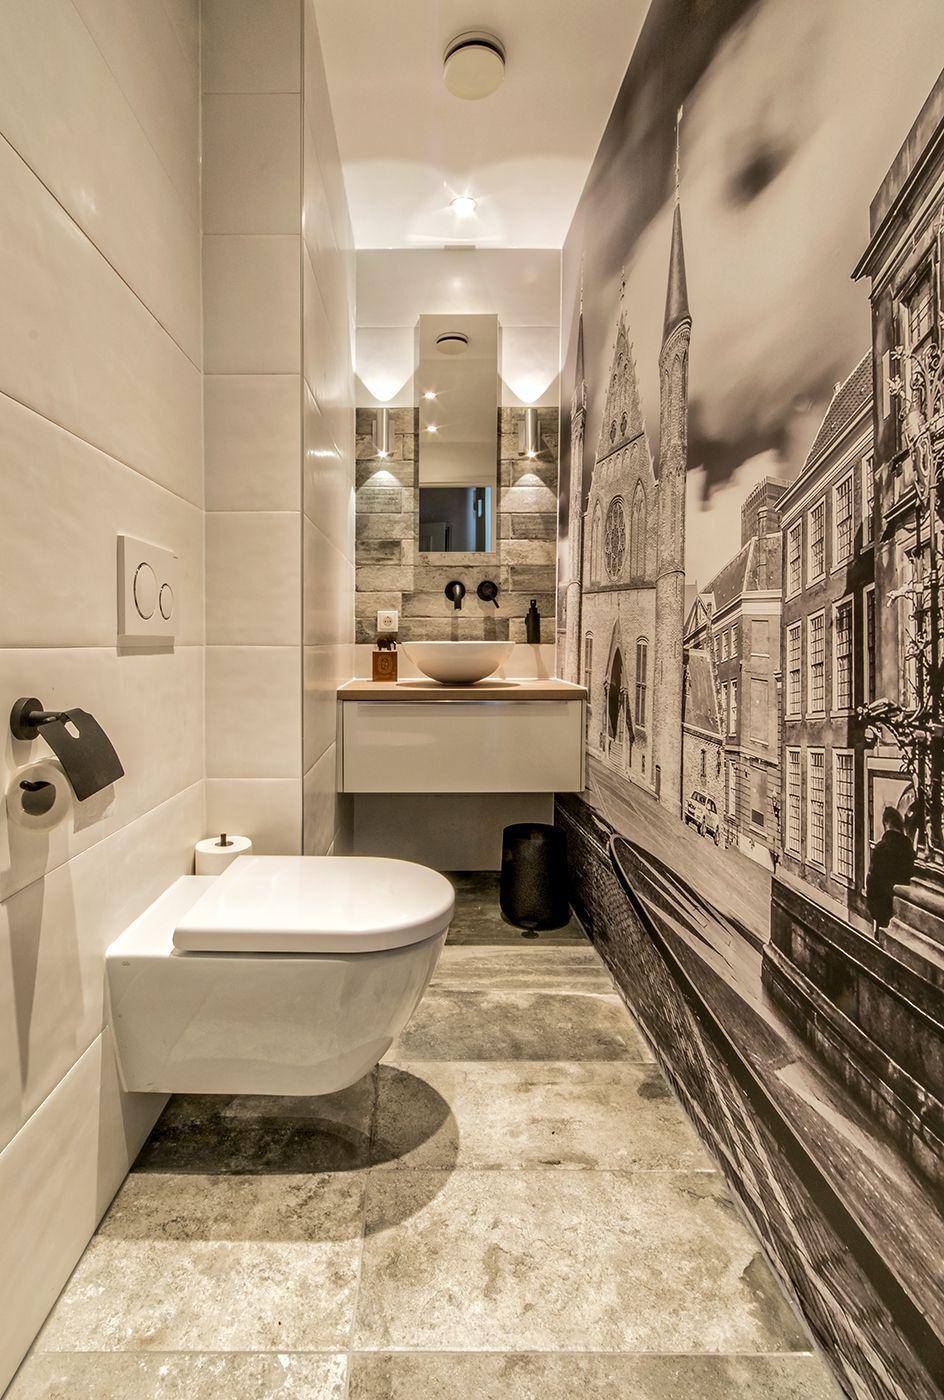 Badkamer Compleet Den Haag.Complete Toilet Renovatie Met Fotobehang Uit 1 Stuk Den Haag